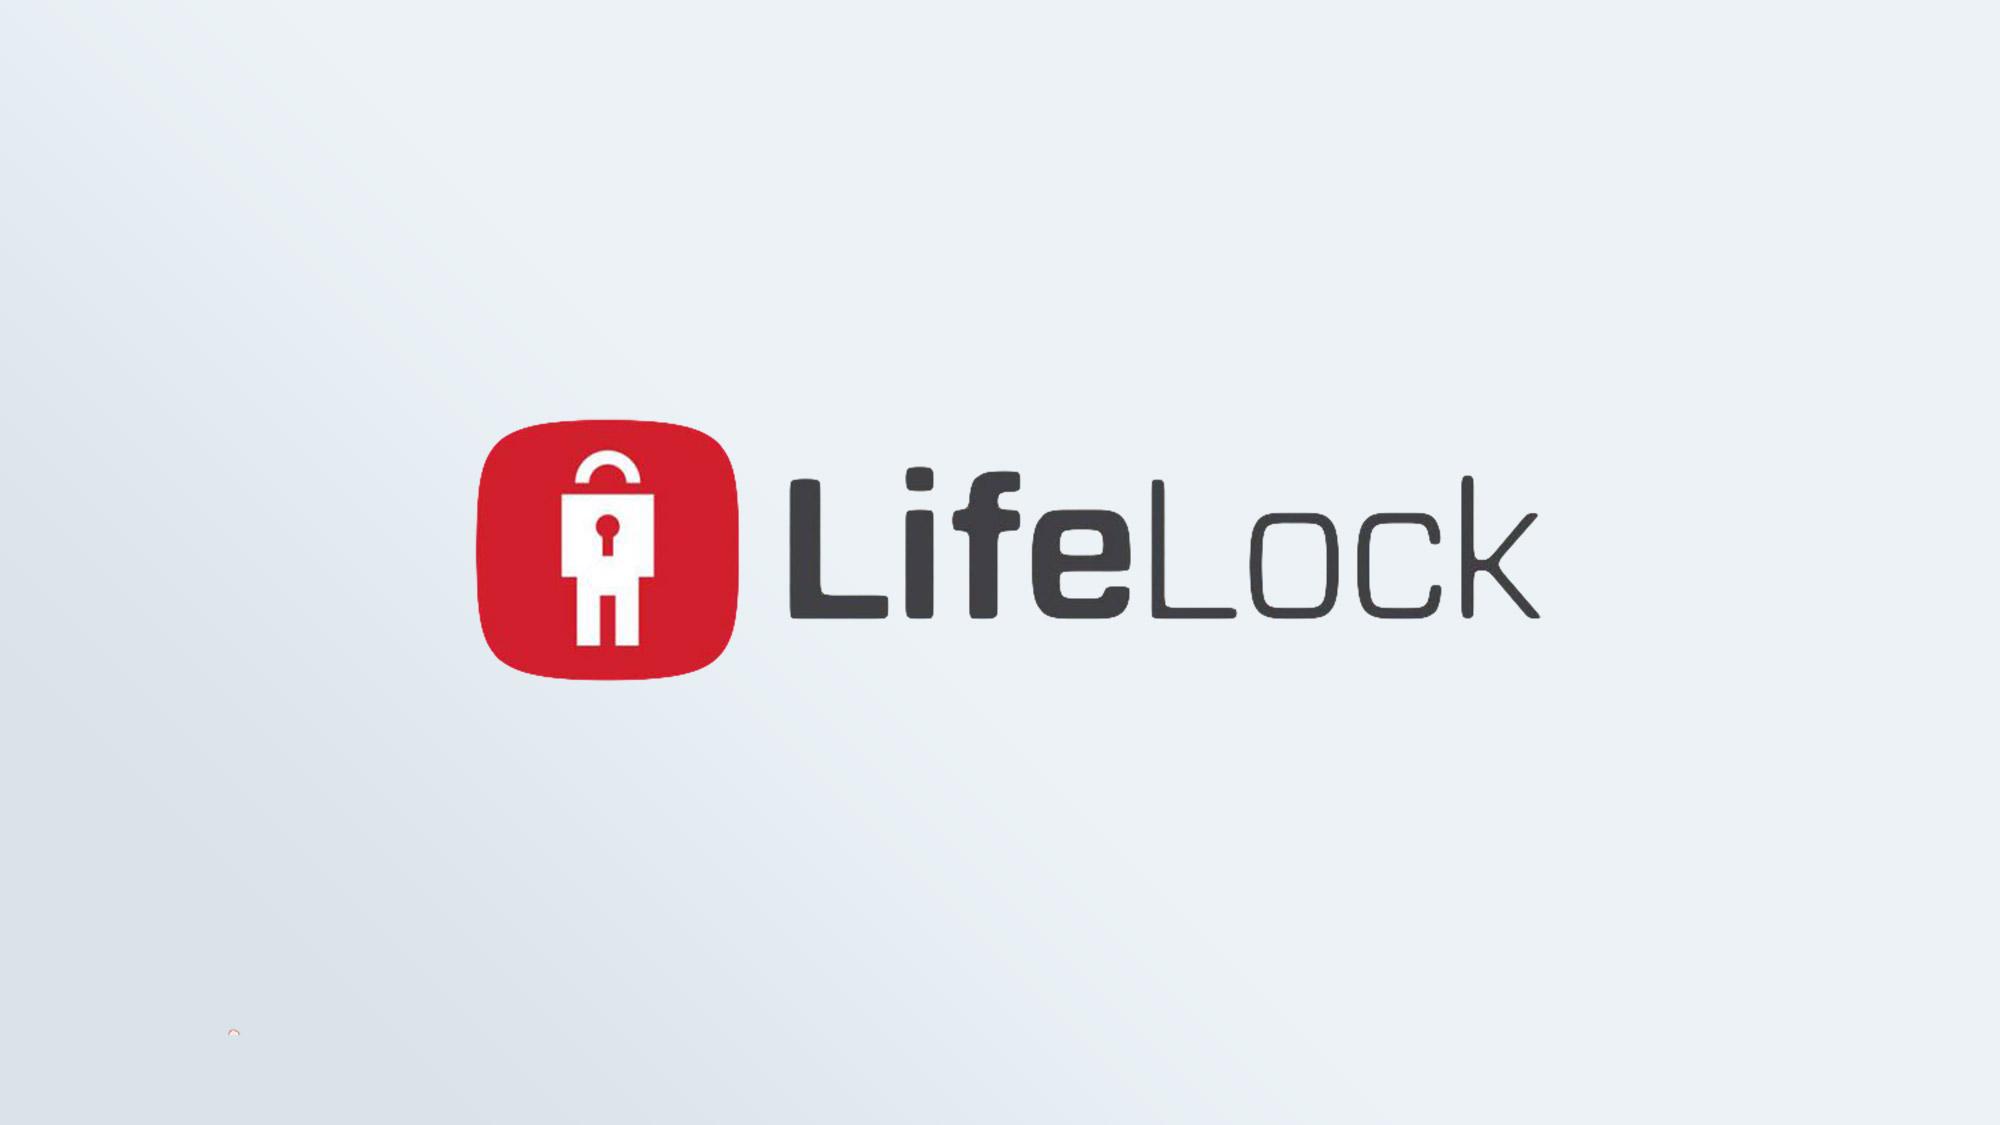 Melhor proteção contra roubo de identidade: LifeLock Ultimate Plus